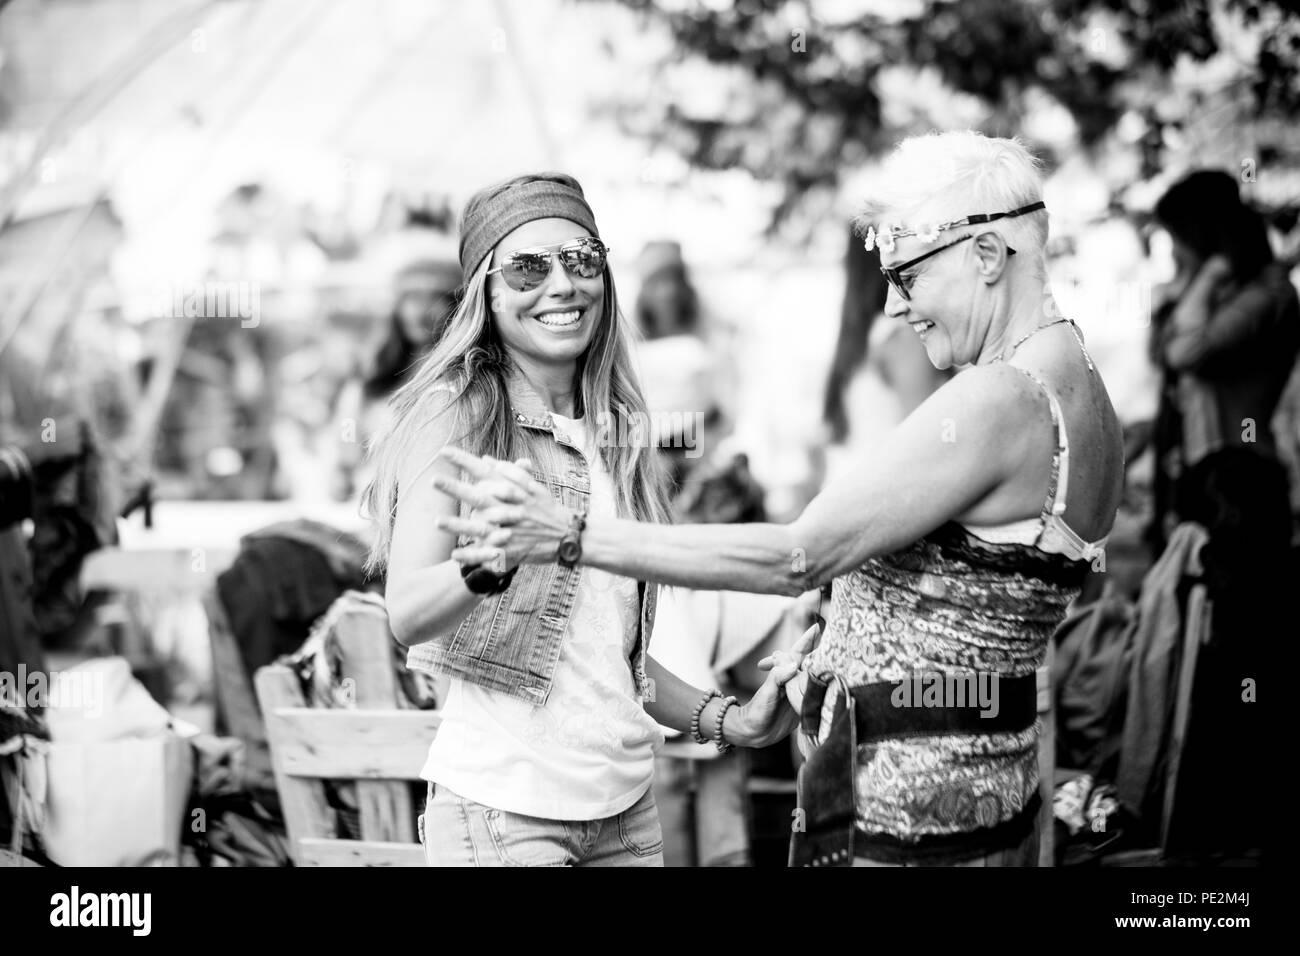 Las mujeres jóvenes y las niñas en la amistad todos juntos de fiesta y diversión en un lugar natural bio. Sonríe y riendo para grupo de hippies personas al. Imagen De Stock